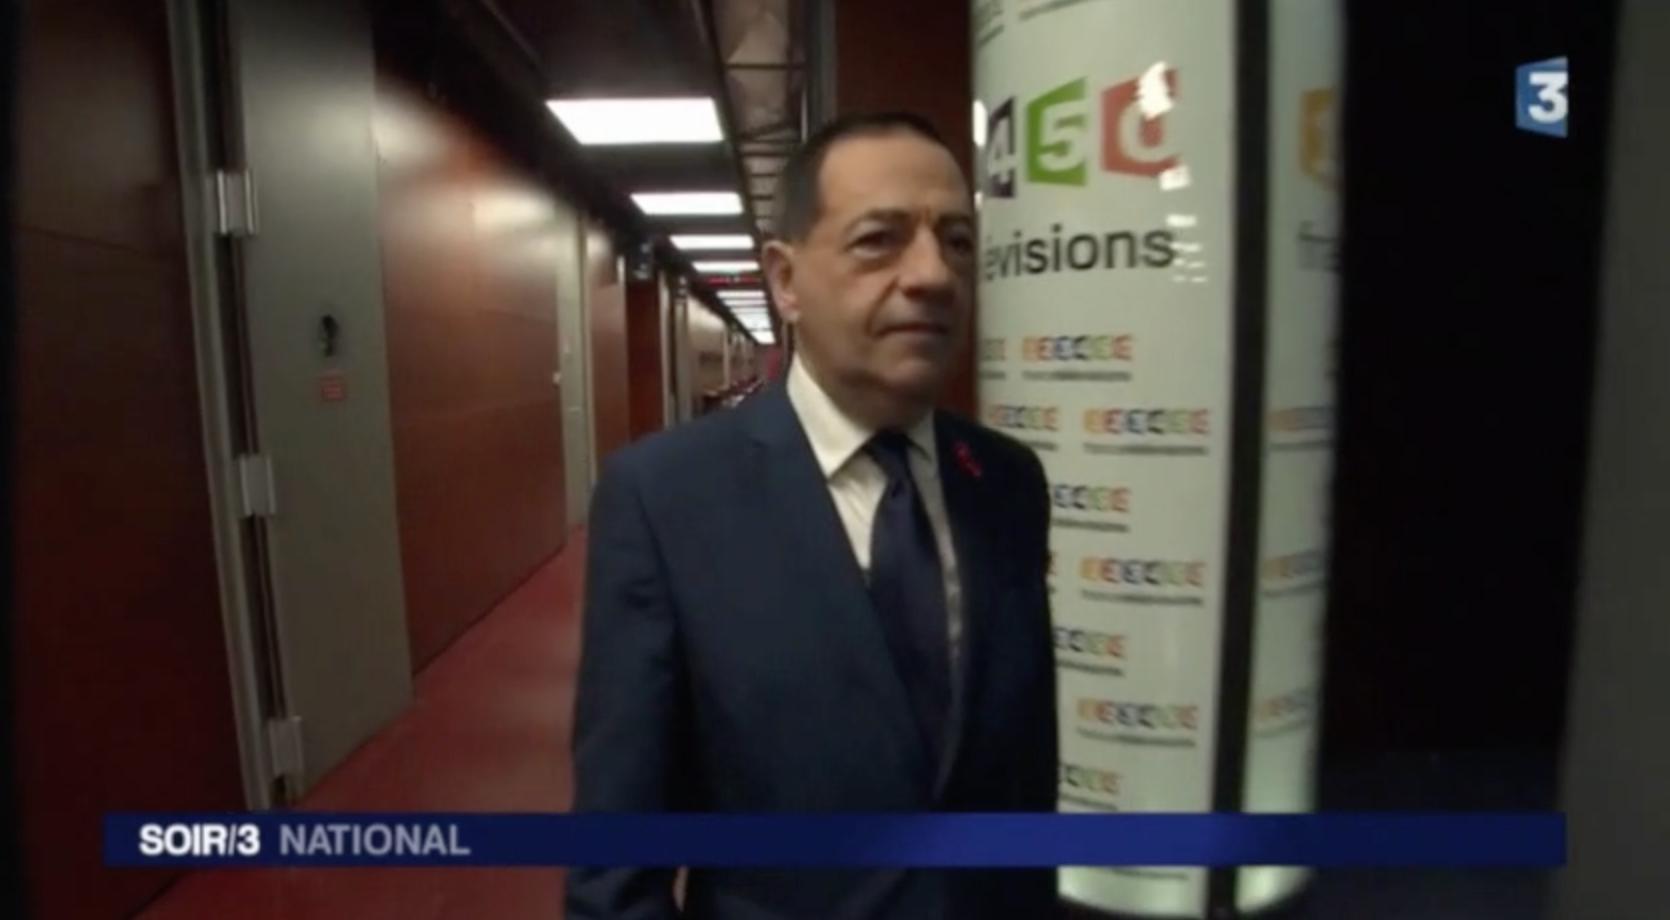 """VIDEO - """"Derrière le mot sida, il y a des hommes et des femmes"""" - Jean-Luc Romero-Michel invité du Soir 3"""